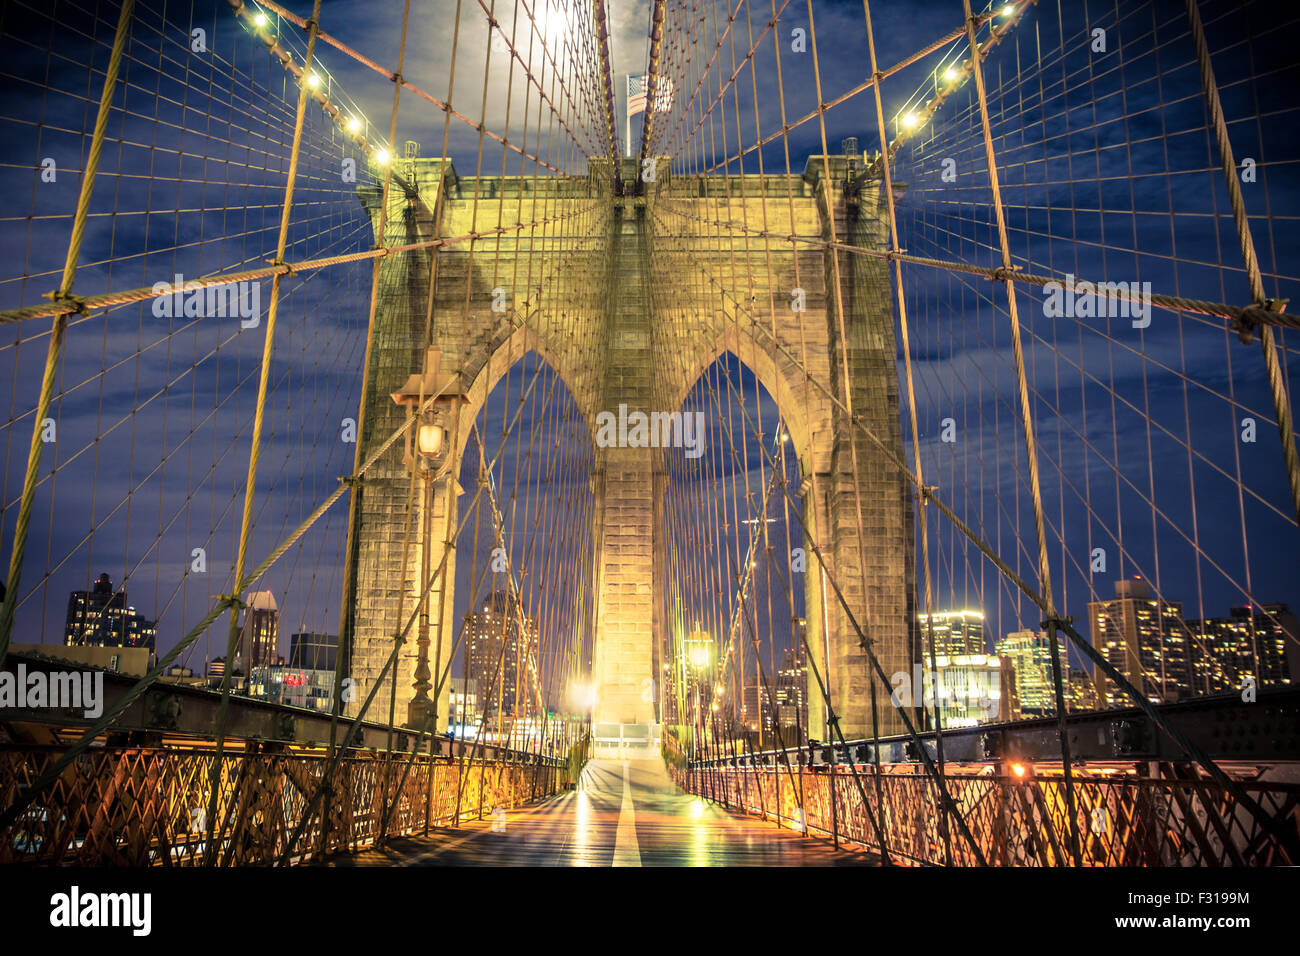 Blick auf historischen Brooklyn Bridge bei Nacht gesehen von der Fußgängerzone Stockbild